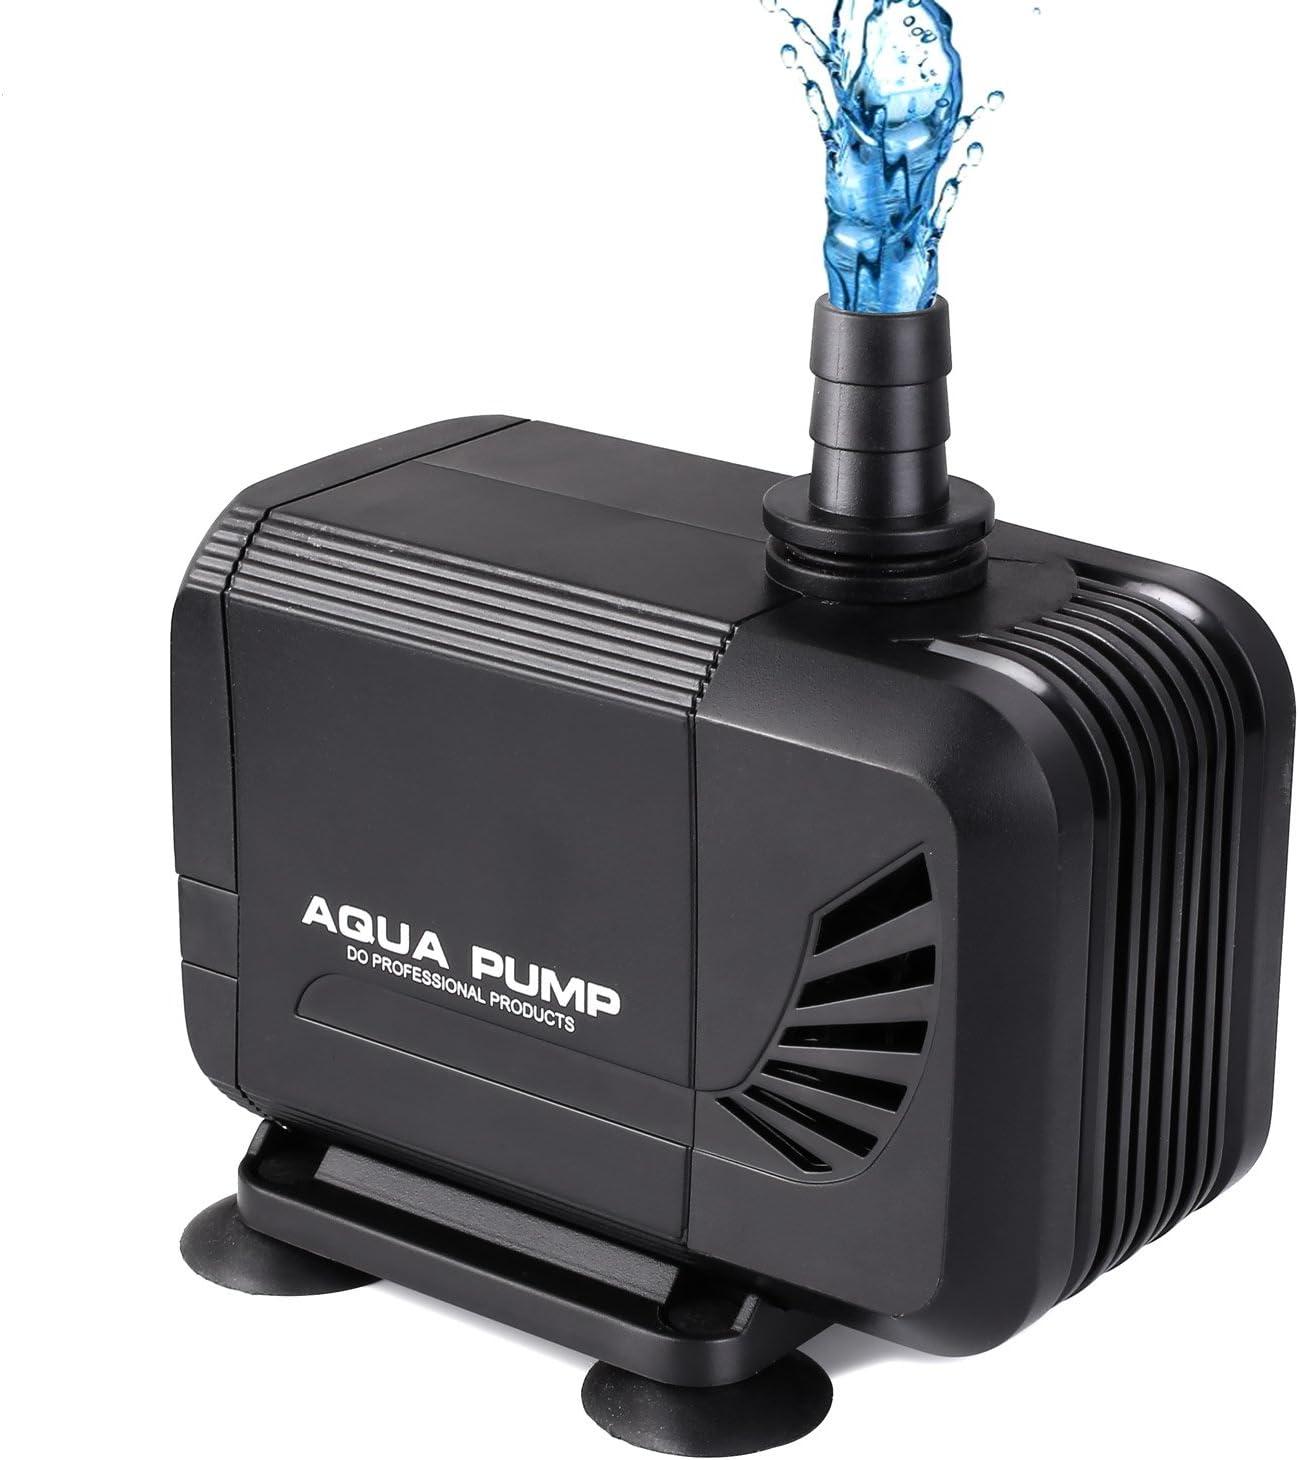 MVPower Bomba de Agua Sumergible Bomba para Estanque Fuente Acuario Potencia de 40W Velocidad de Flujo de 3000L/H Cabezal Hidráulico de 2.8M Boquilla